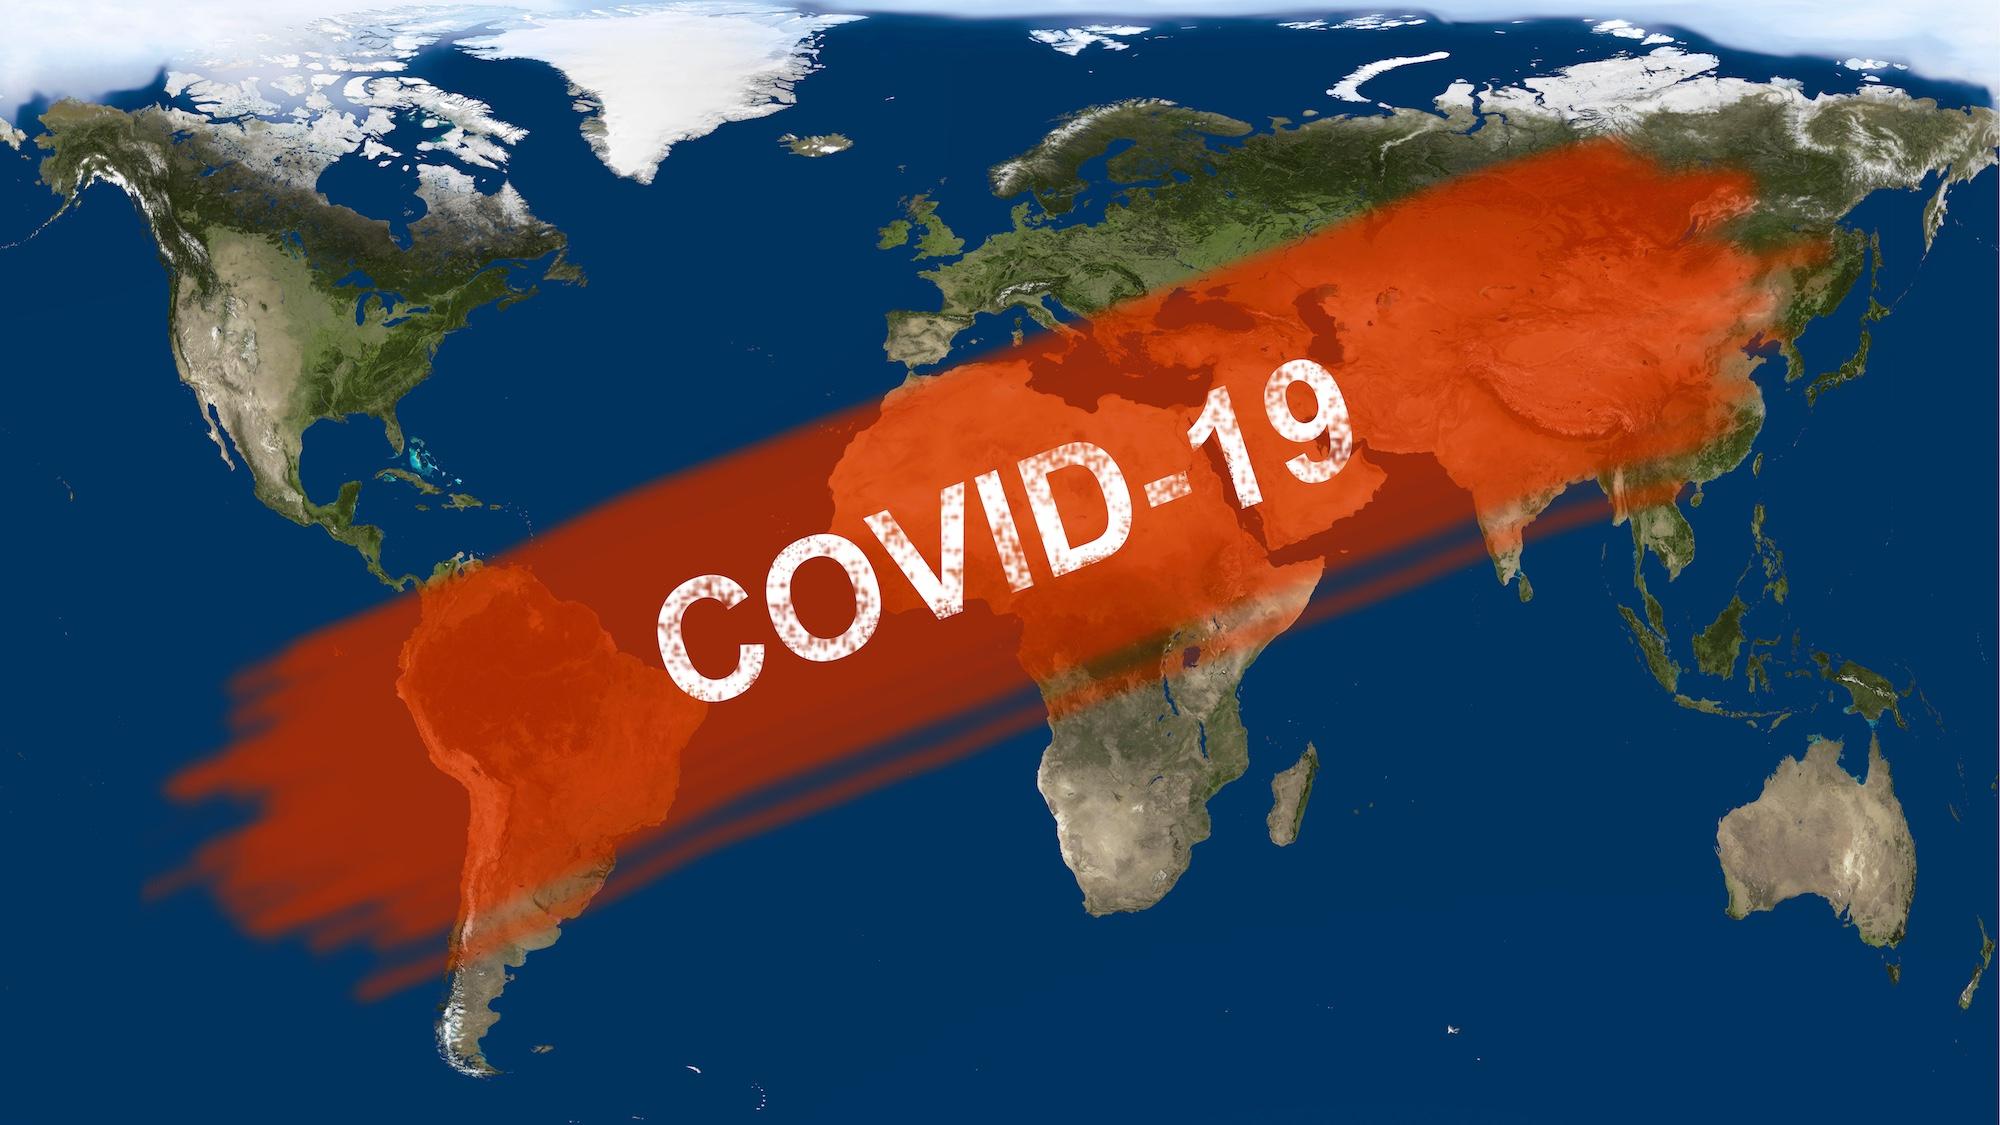 新型冠状病毒对全球牙科行业有何影响与冲击?